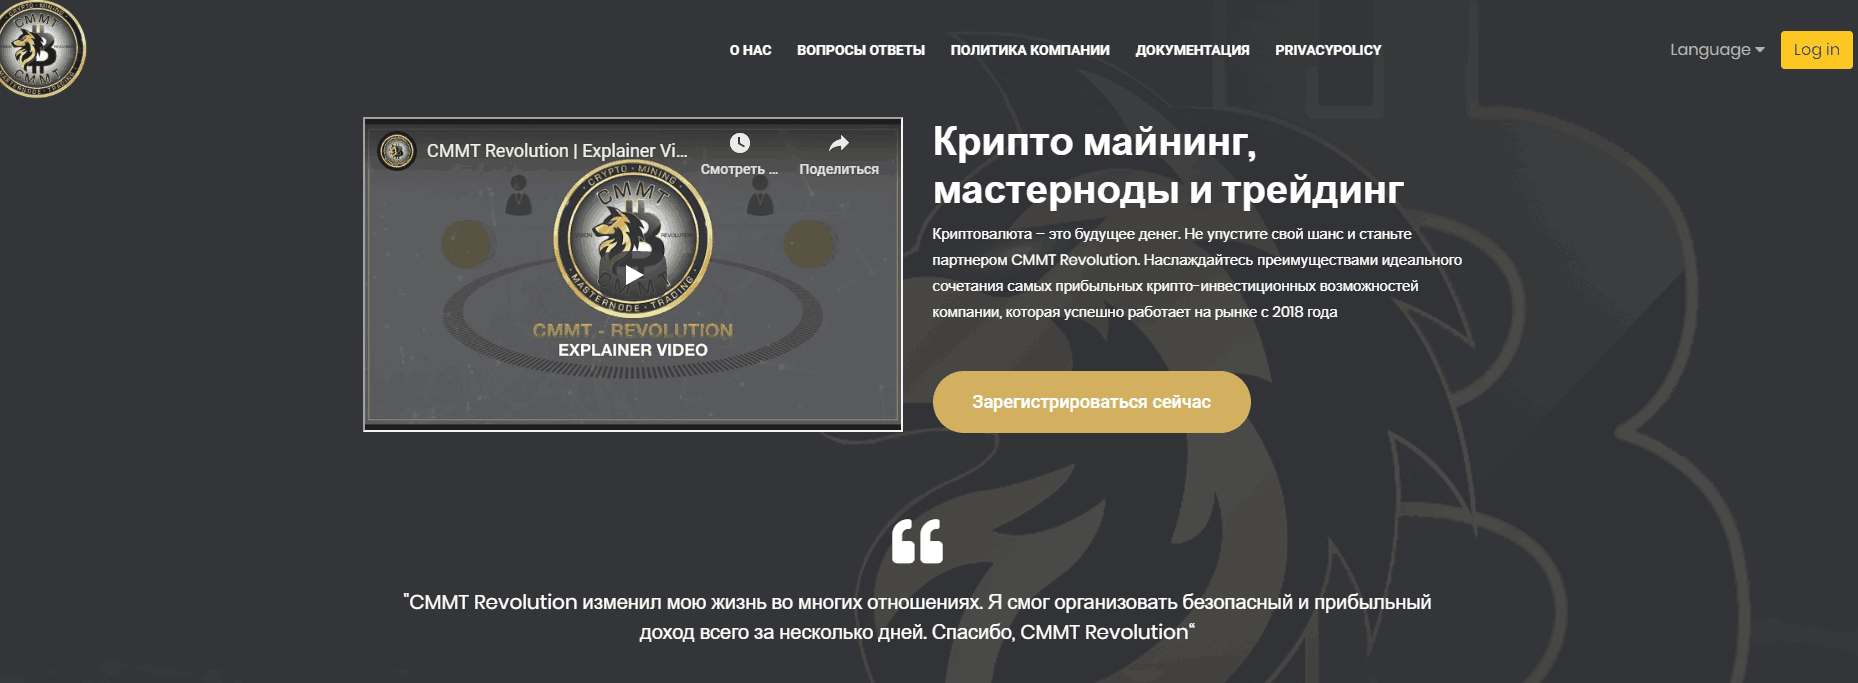 CMMT Revolution регистрация